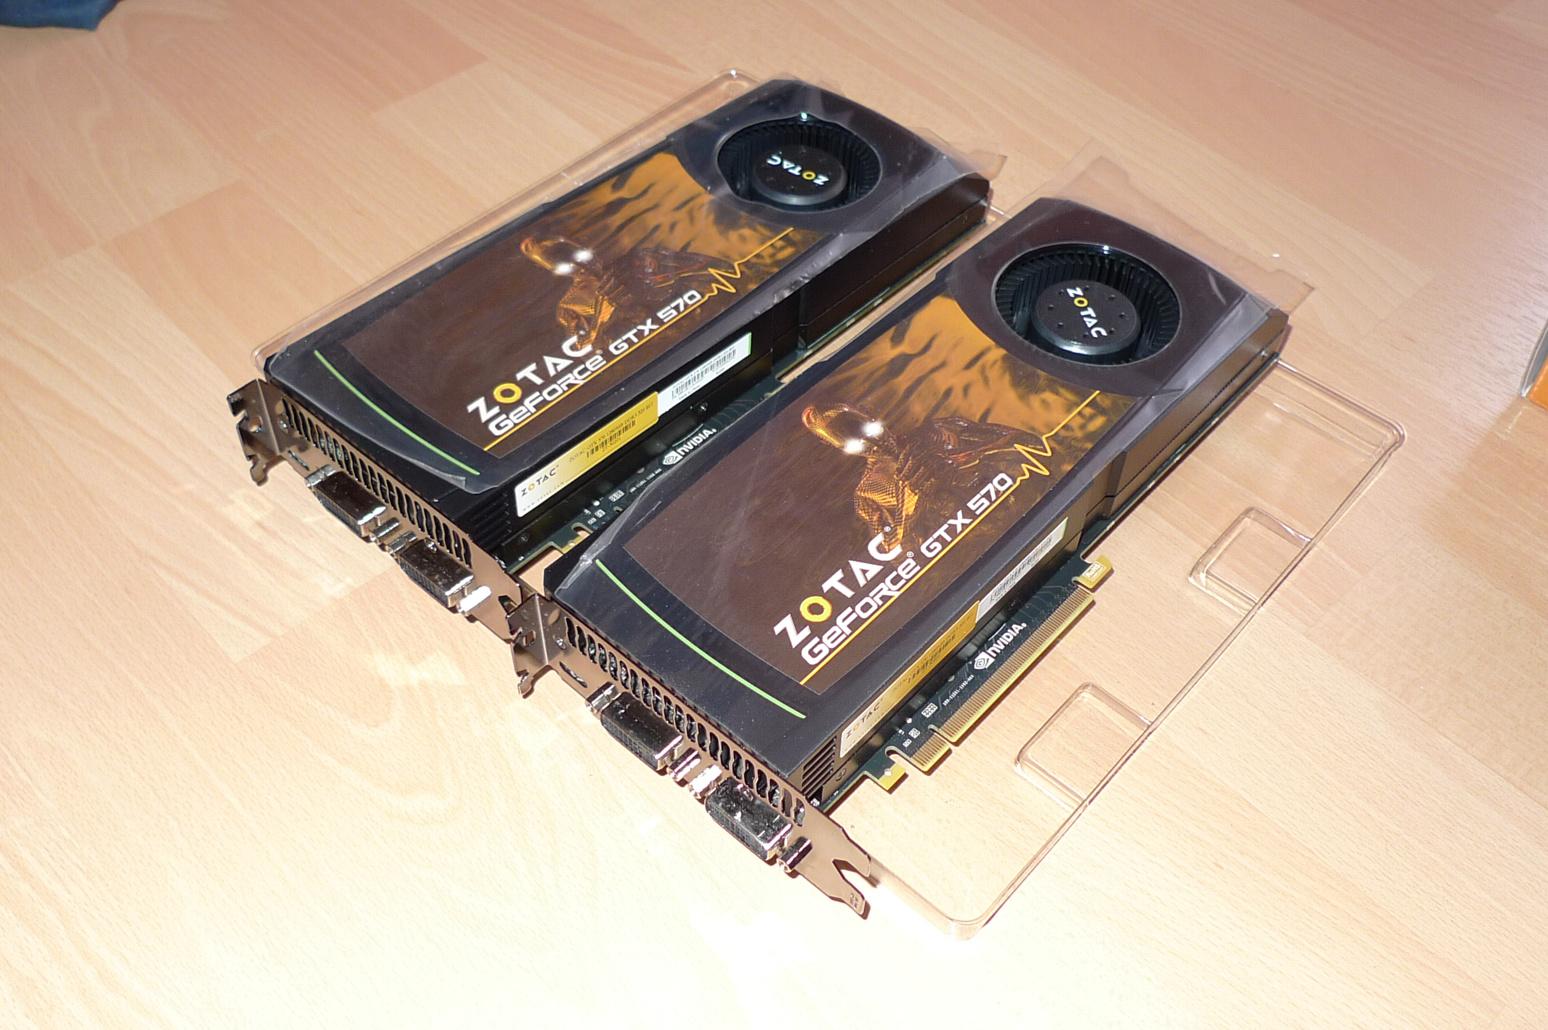 Recenze Nvidia Geforce GTX 570 - Tichá Bestie v celé své kráse 2329